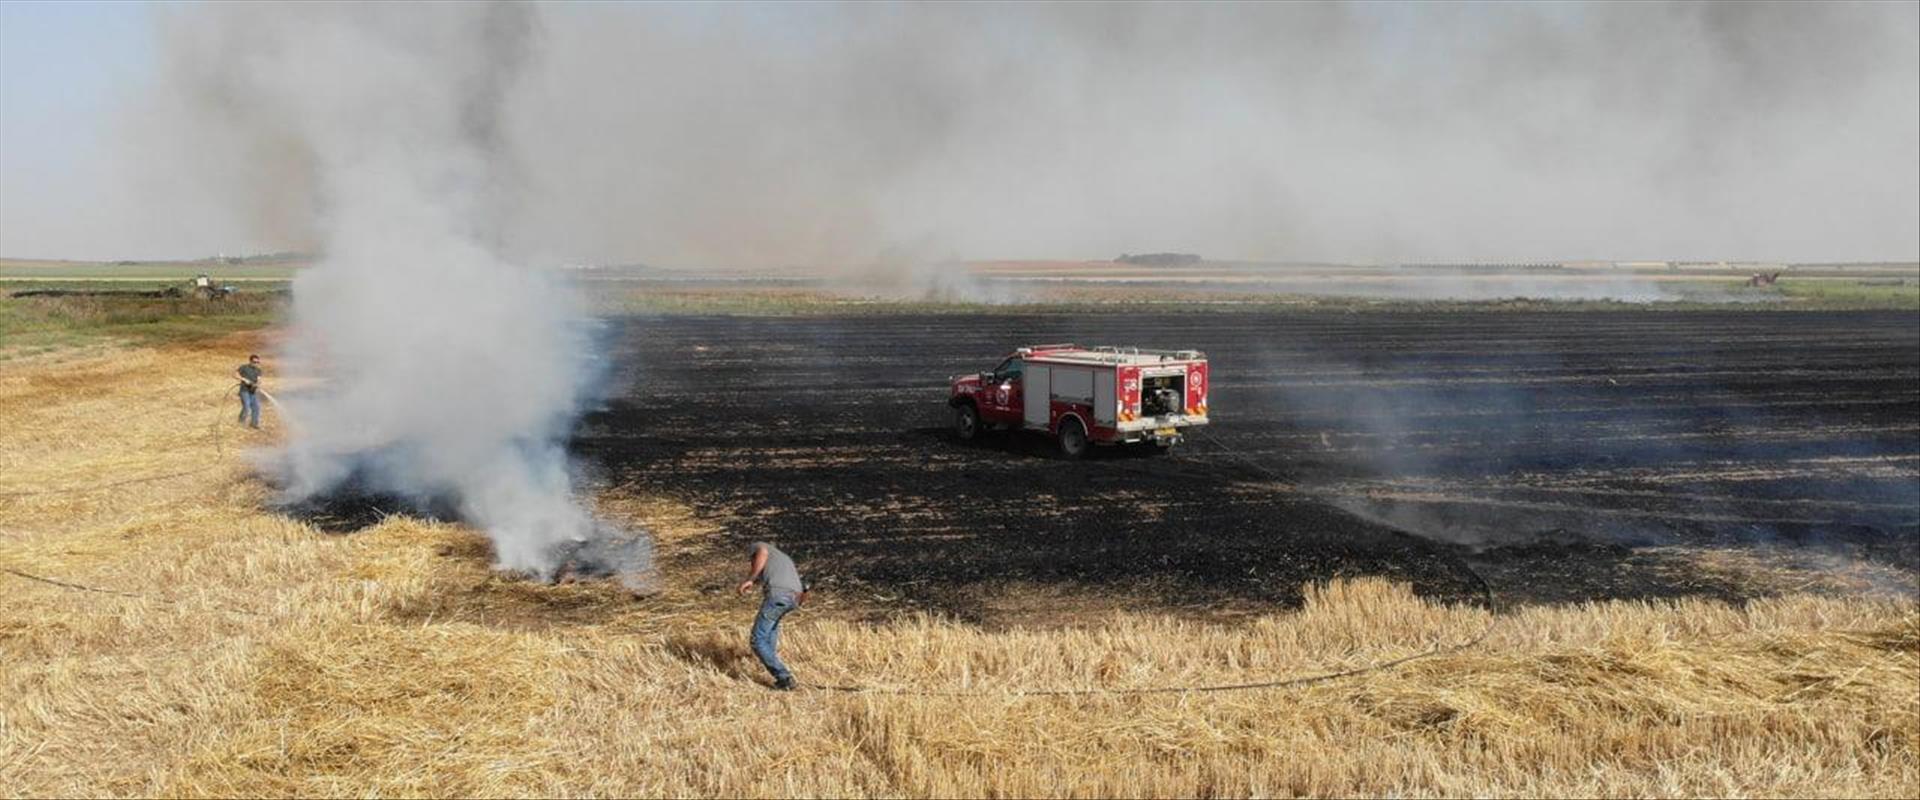 השדה בו פרצה שריפה, היום